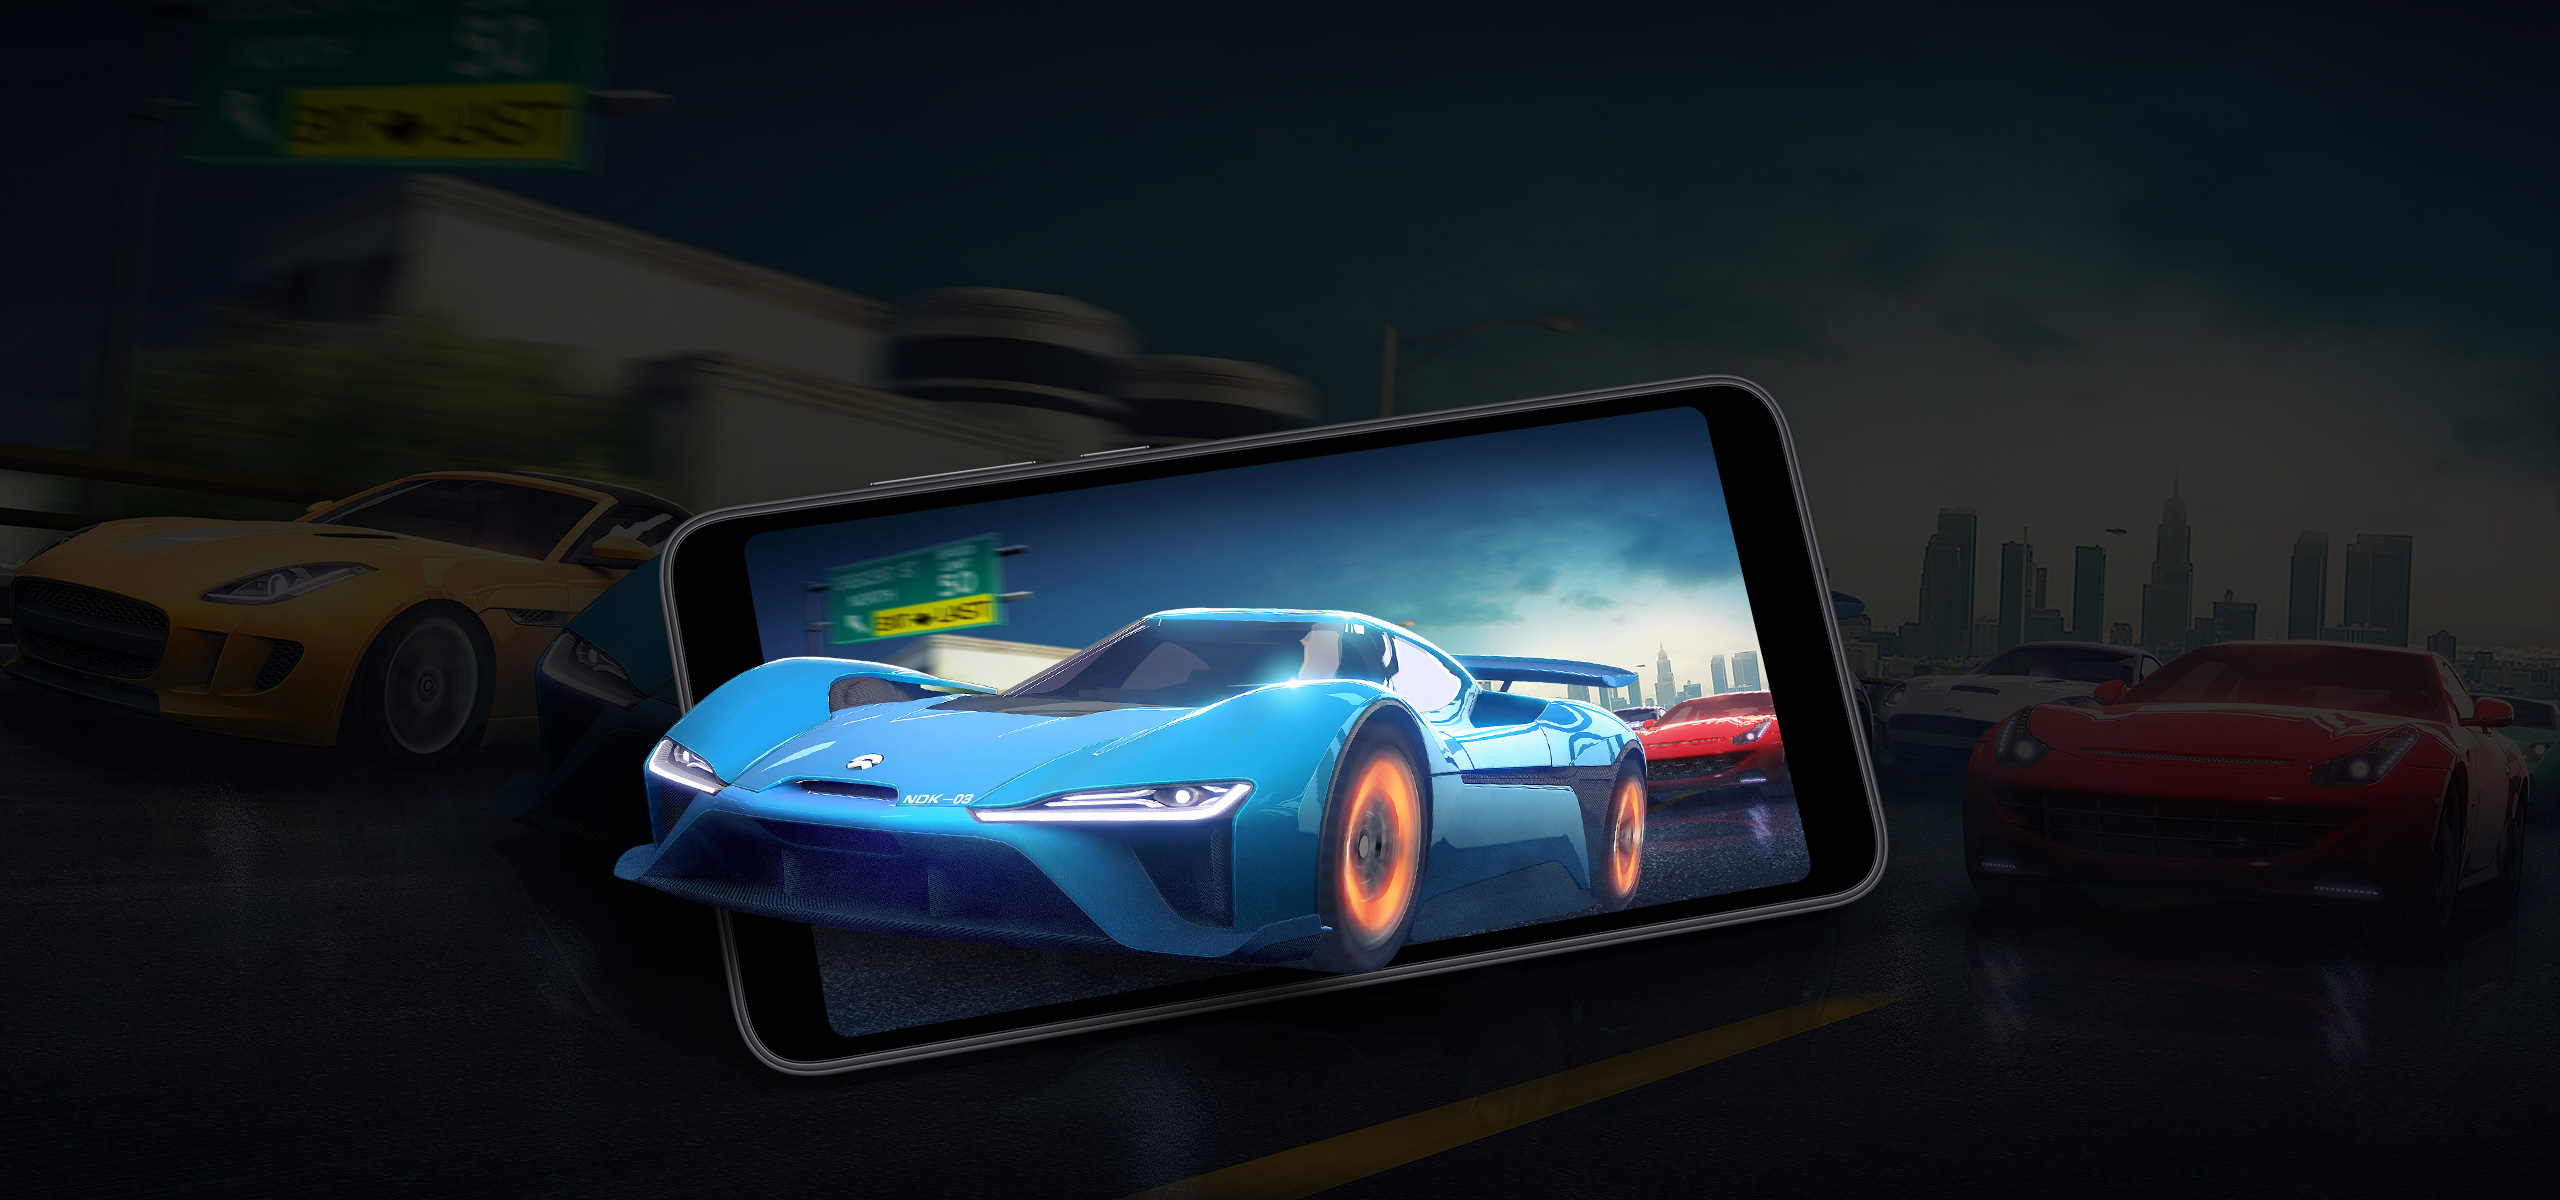 Xiaomi Redmi 7A 2/16Gb Blue